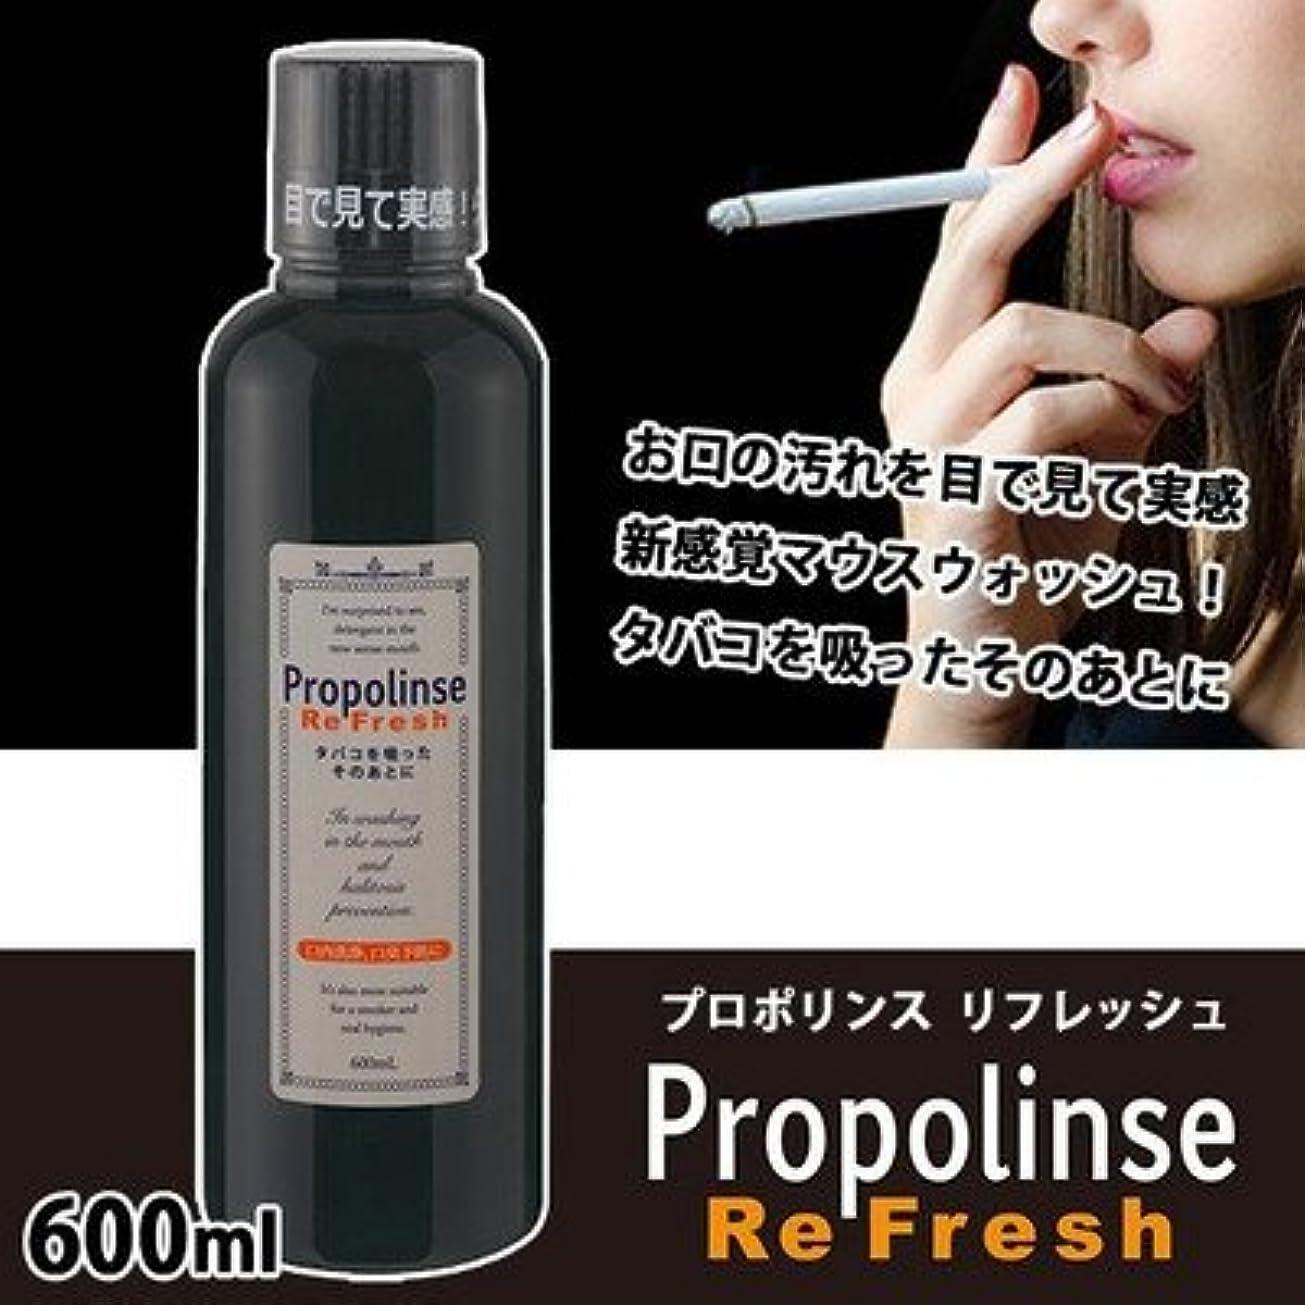 ハント不適切な小売プロポリンス リフレッシュ (マウスウォッシュ) 600ml